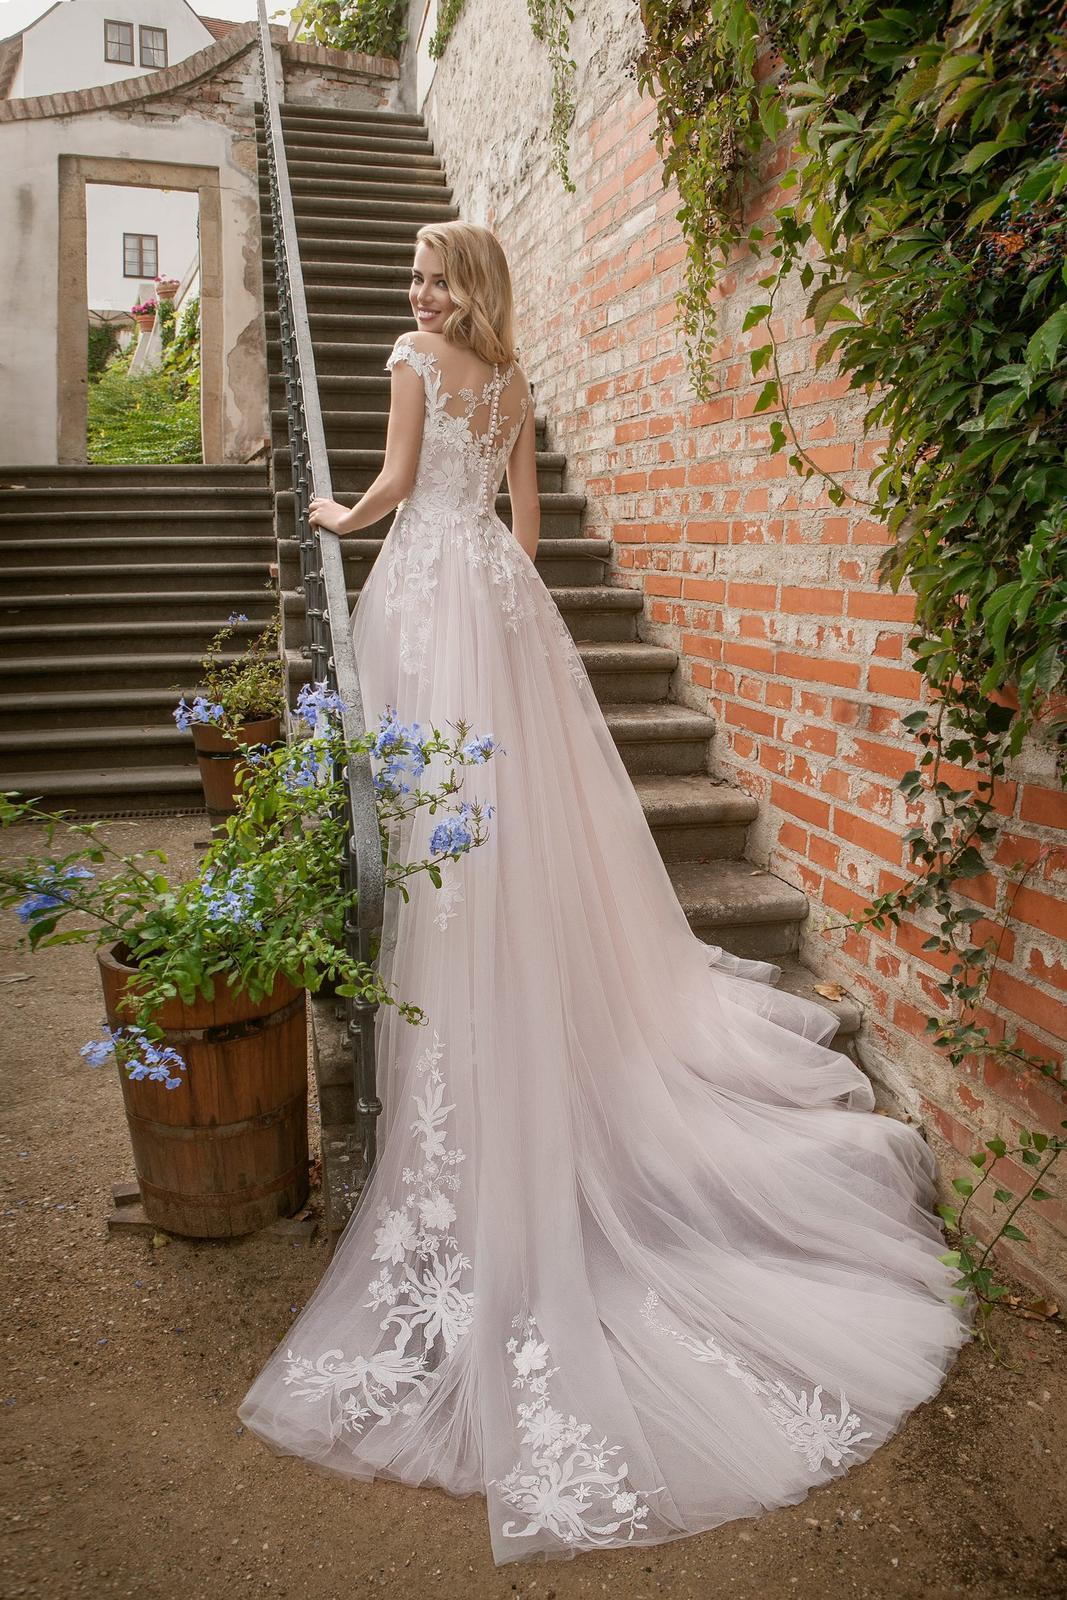 Predám NOVÉ nepoužité šaty Eva Grandes Candy veľ. 38, veľmi dlhé - Obrázok č. 2